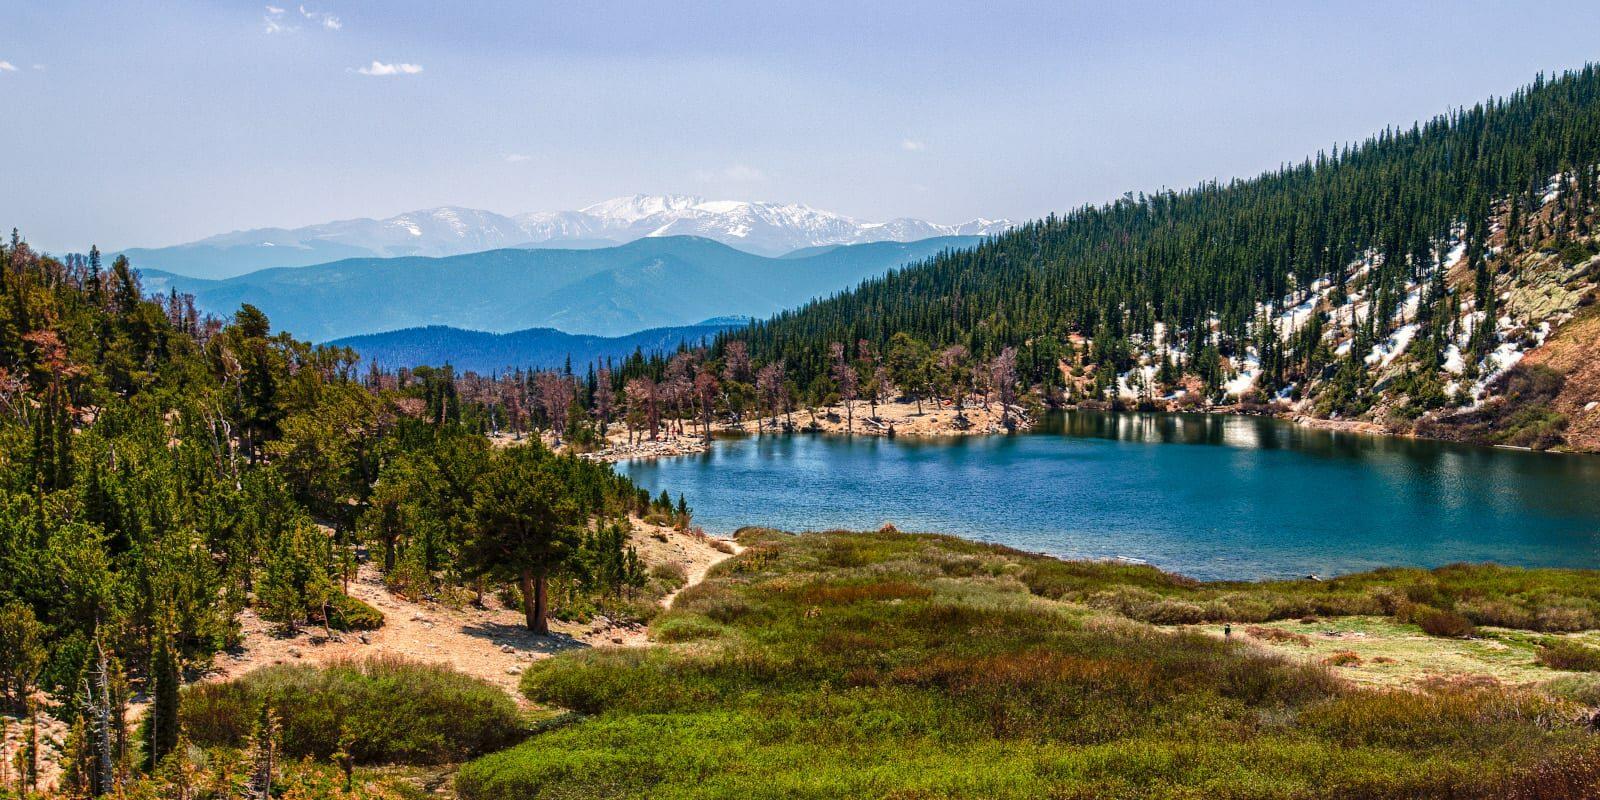 St Mary's Lake near Idaho Springs CO